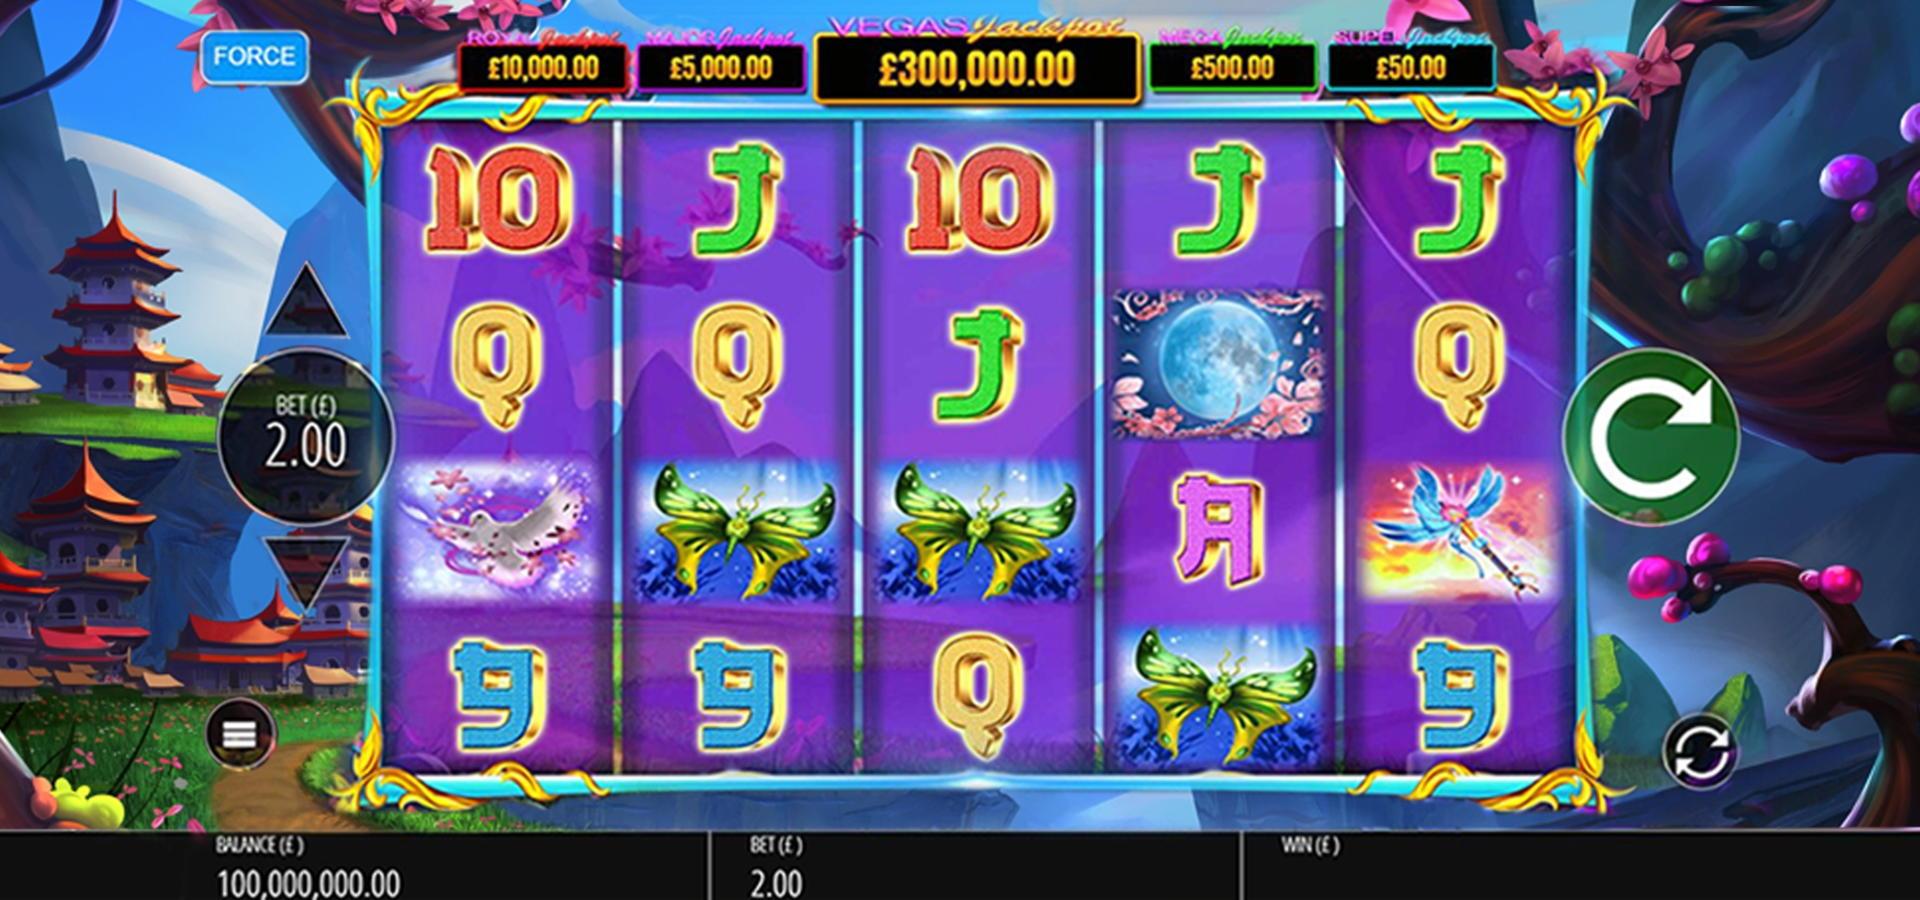 245% Match bonus kazino Sloto'Cash